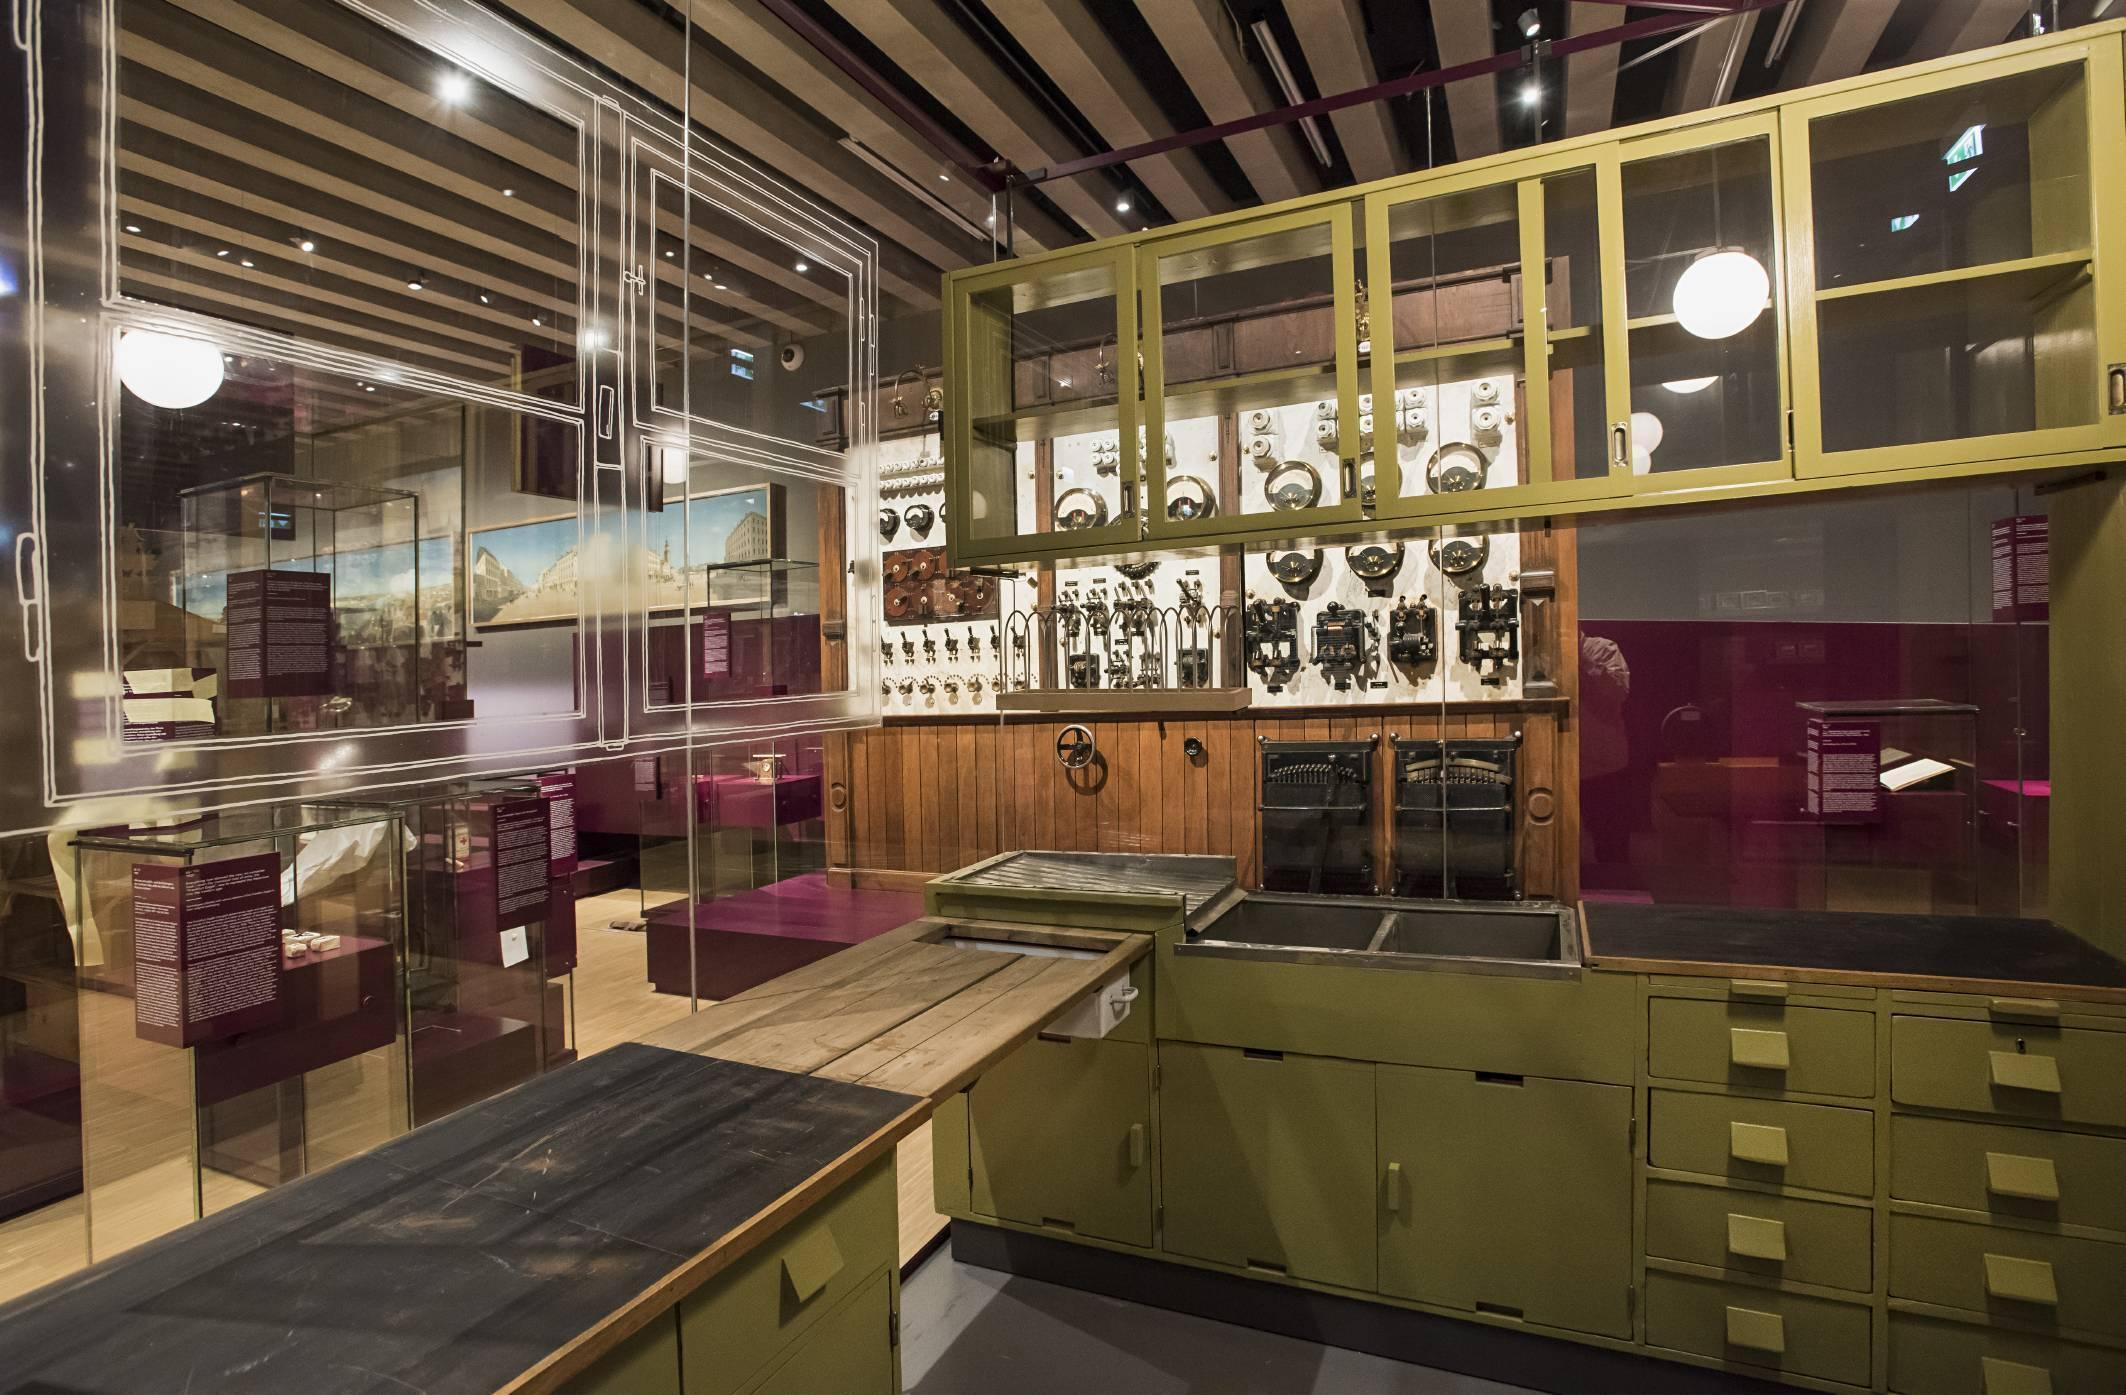 Die Frankfurter Küche in 100 x Frankfurt im Historischen Museum Frankfurt